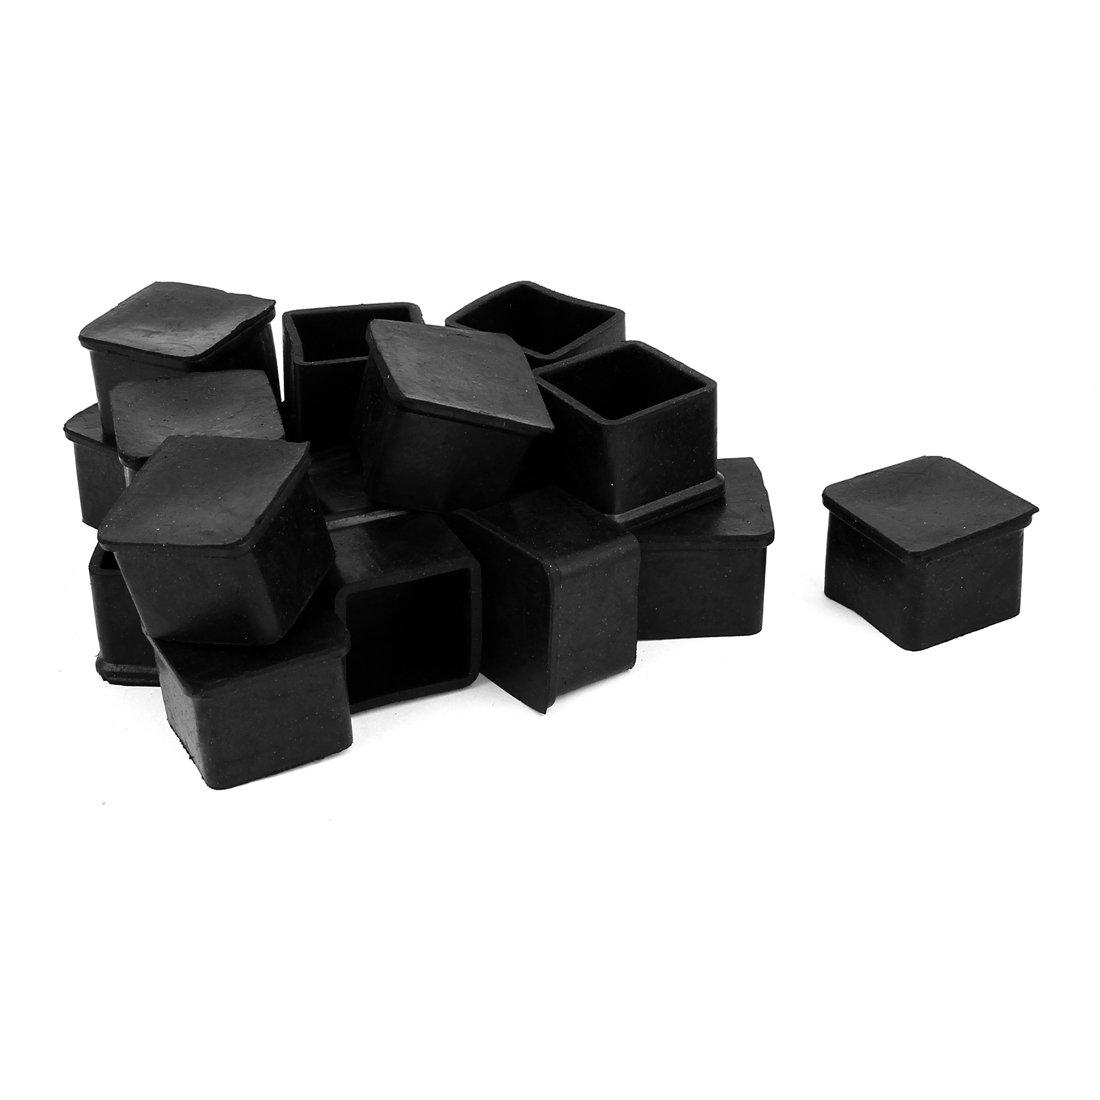 sourcingmap gummi viereckig m bel tisch bein fu decke halter 30mm x 30mm 19pcs jetzt kaufen. Black Bedroom Furniture Sets. Home Design Ideas